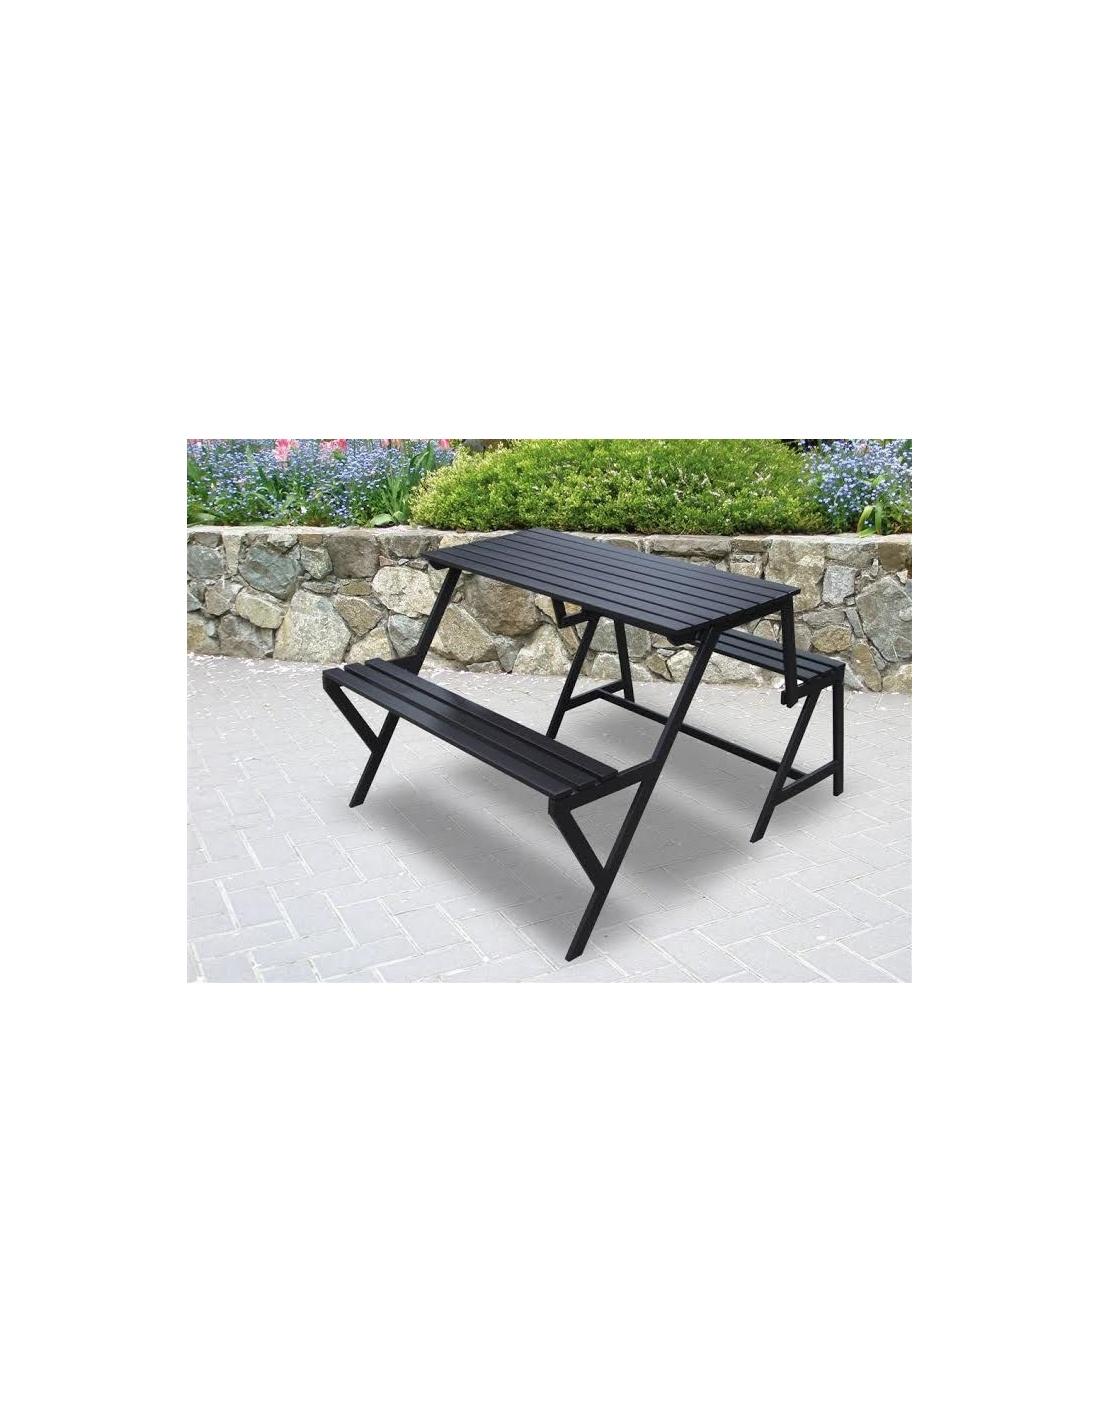 Pachina STEP trasformabile in due panche e un tavolo da pranzo